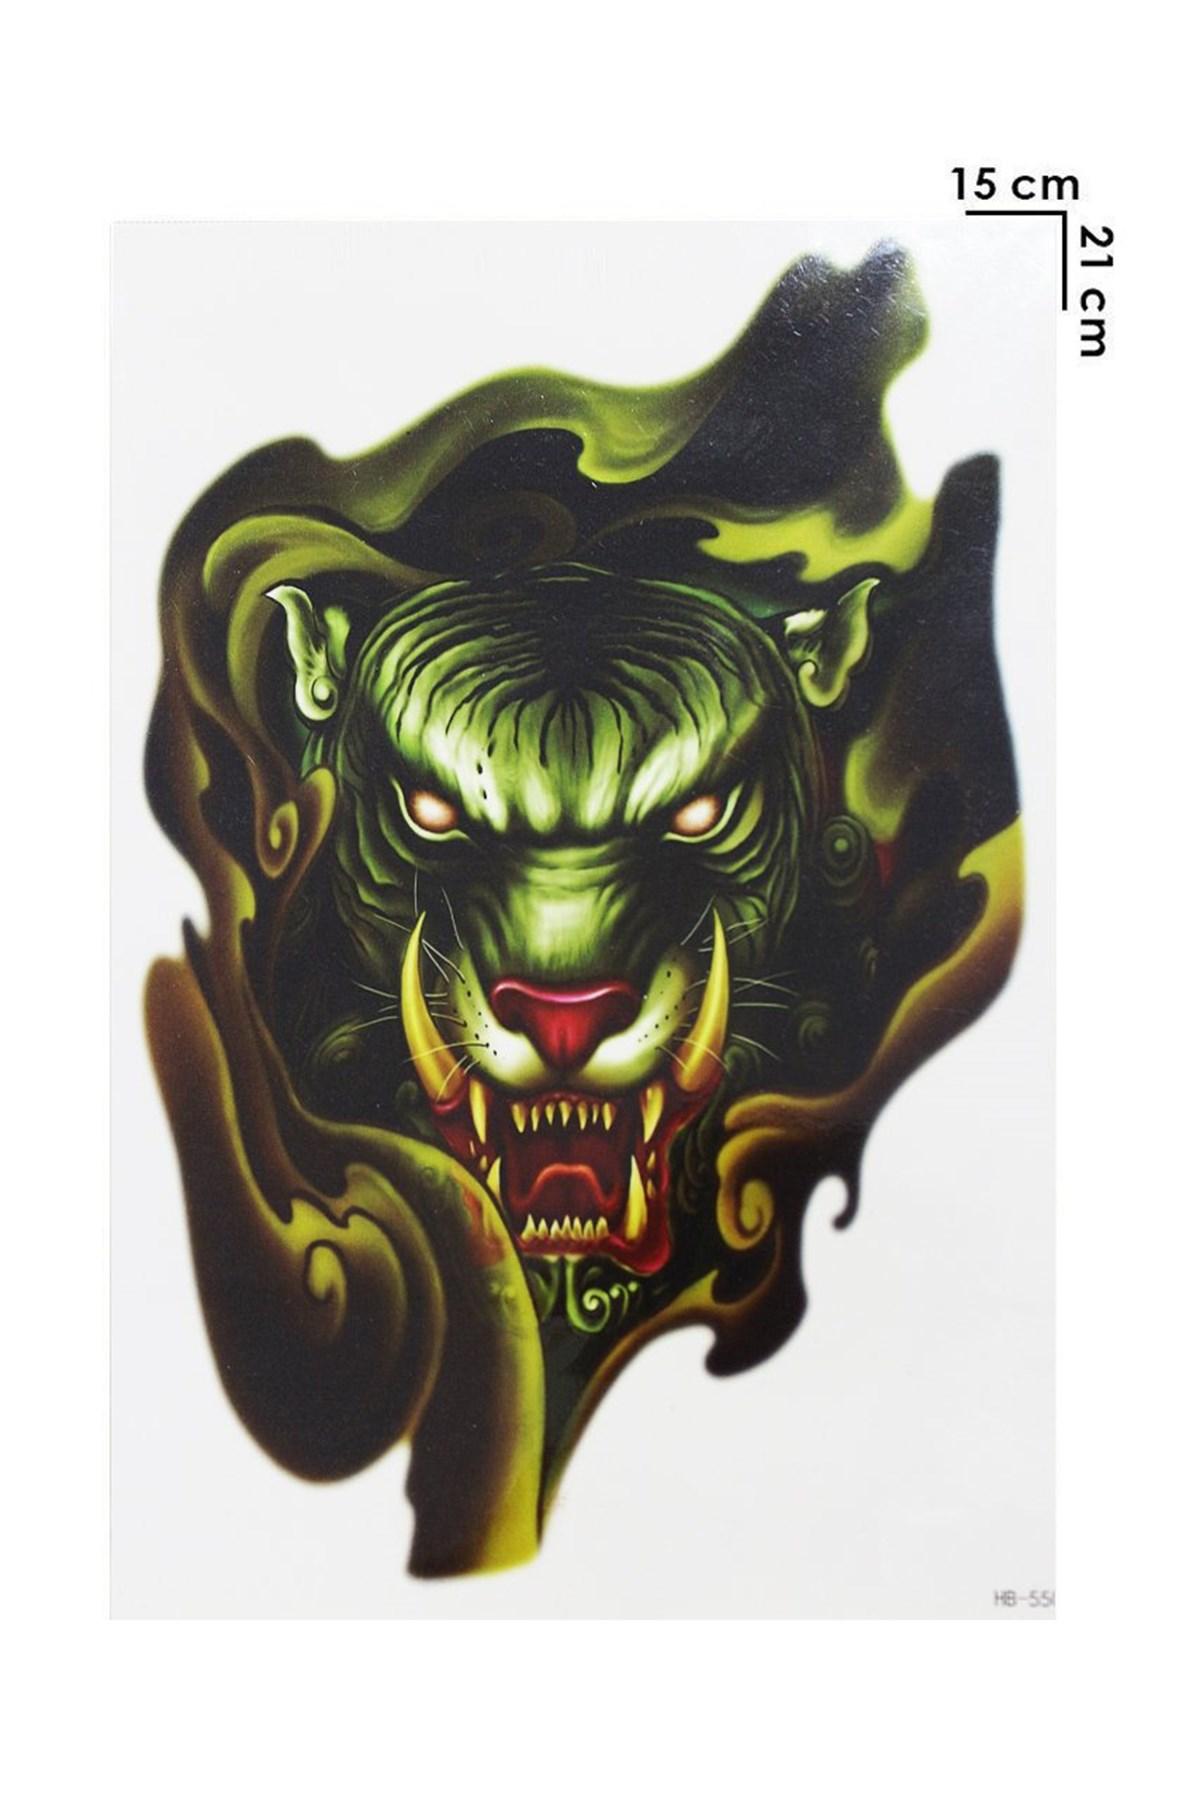 Tiger Model Temporary Tattoo